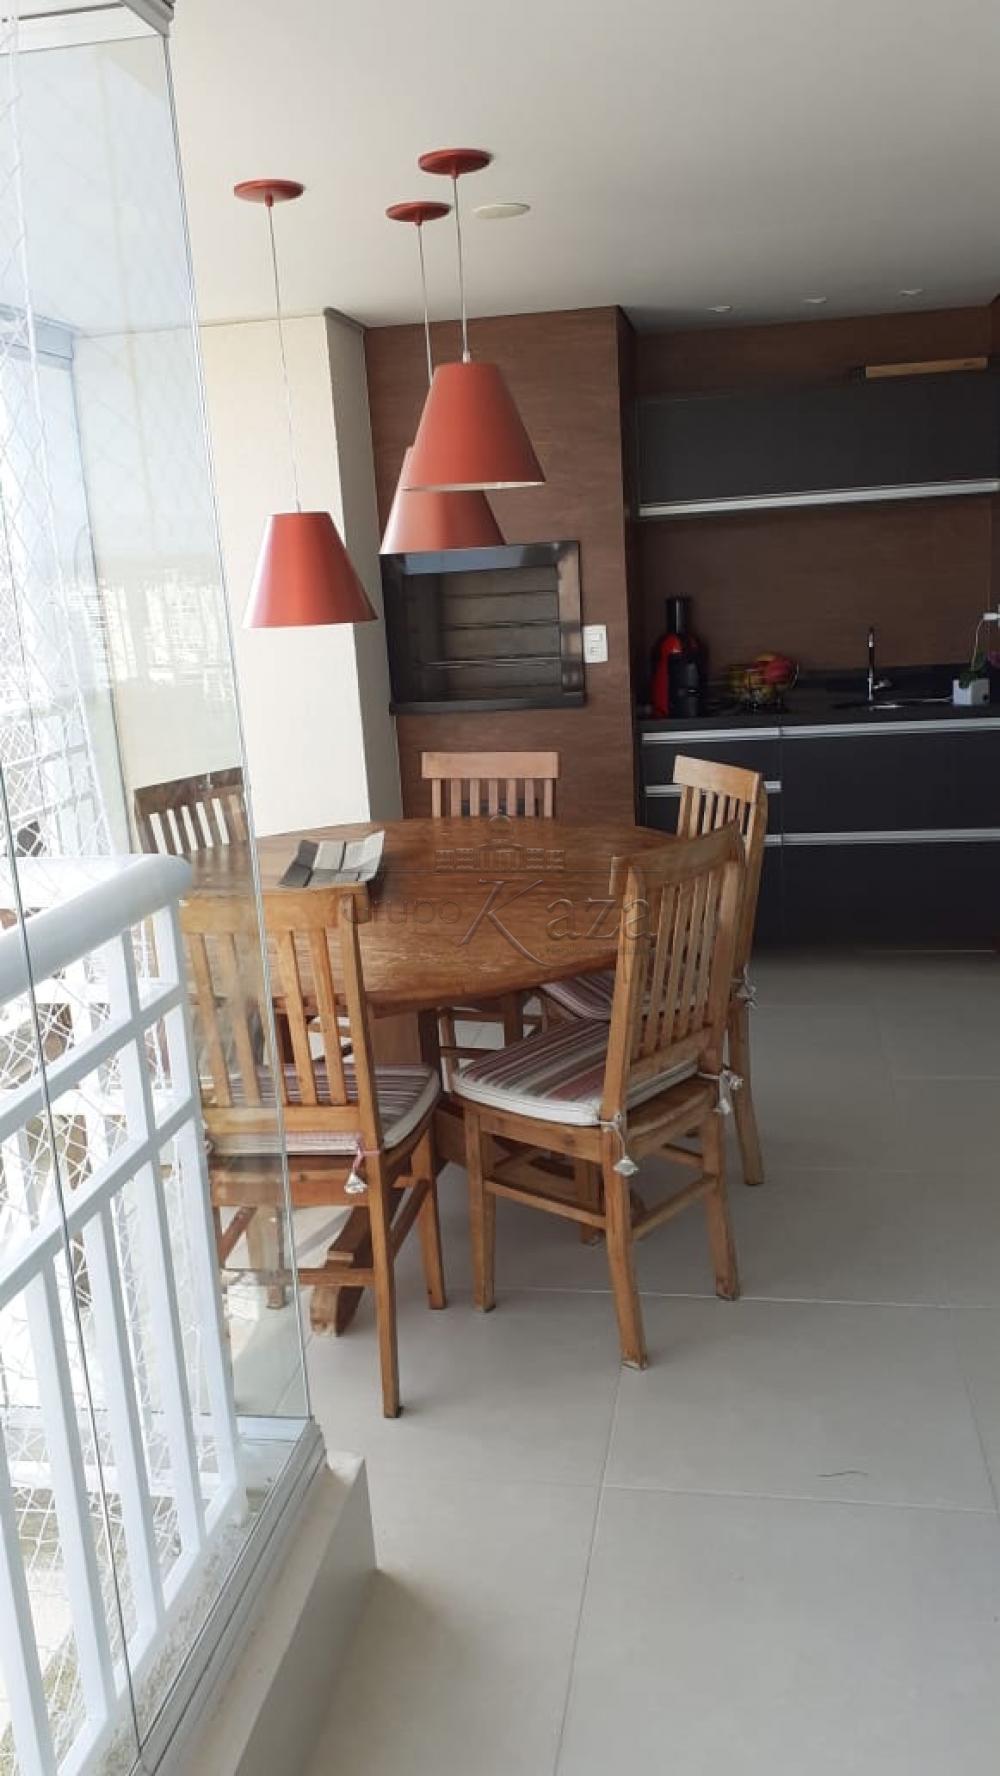 Comprar Apartamento / Padrão em São José dos Campos apenas R$ 930.000,00 - Foto 1